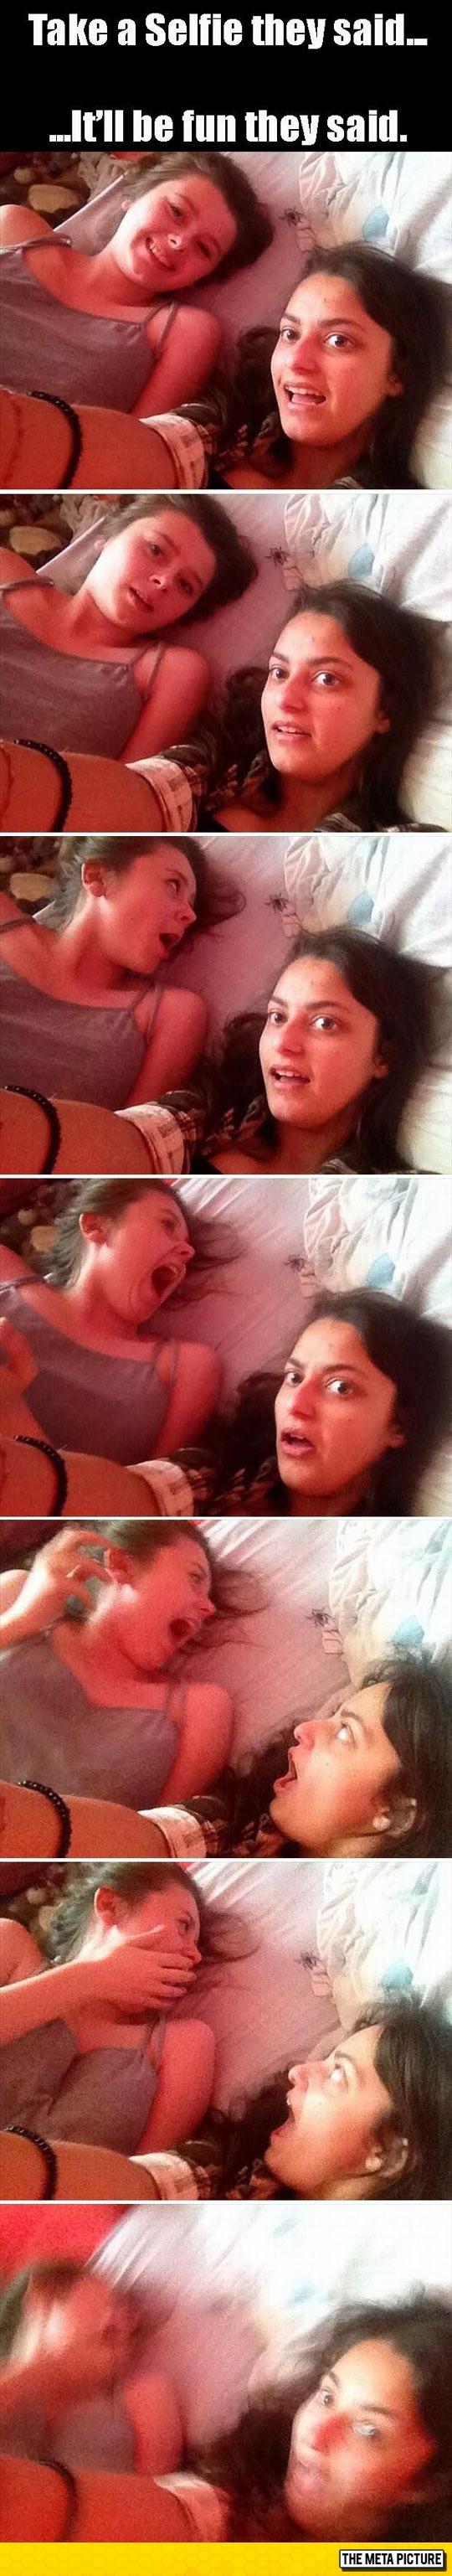 funny-girl-selfie-spider-bed